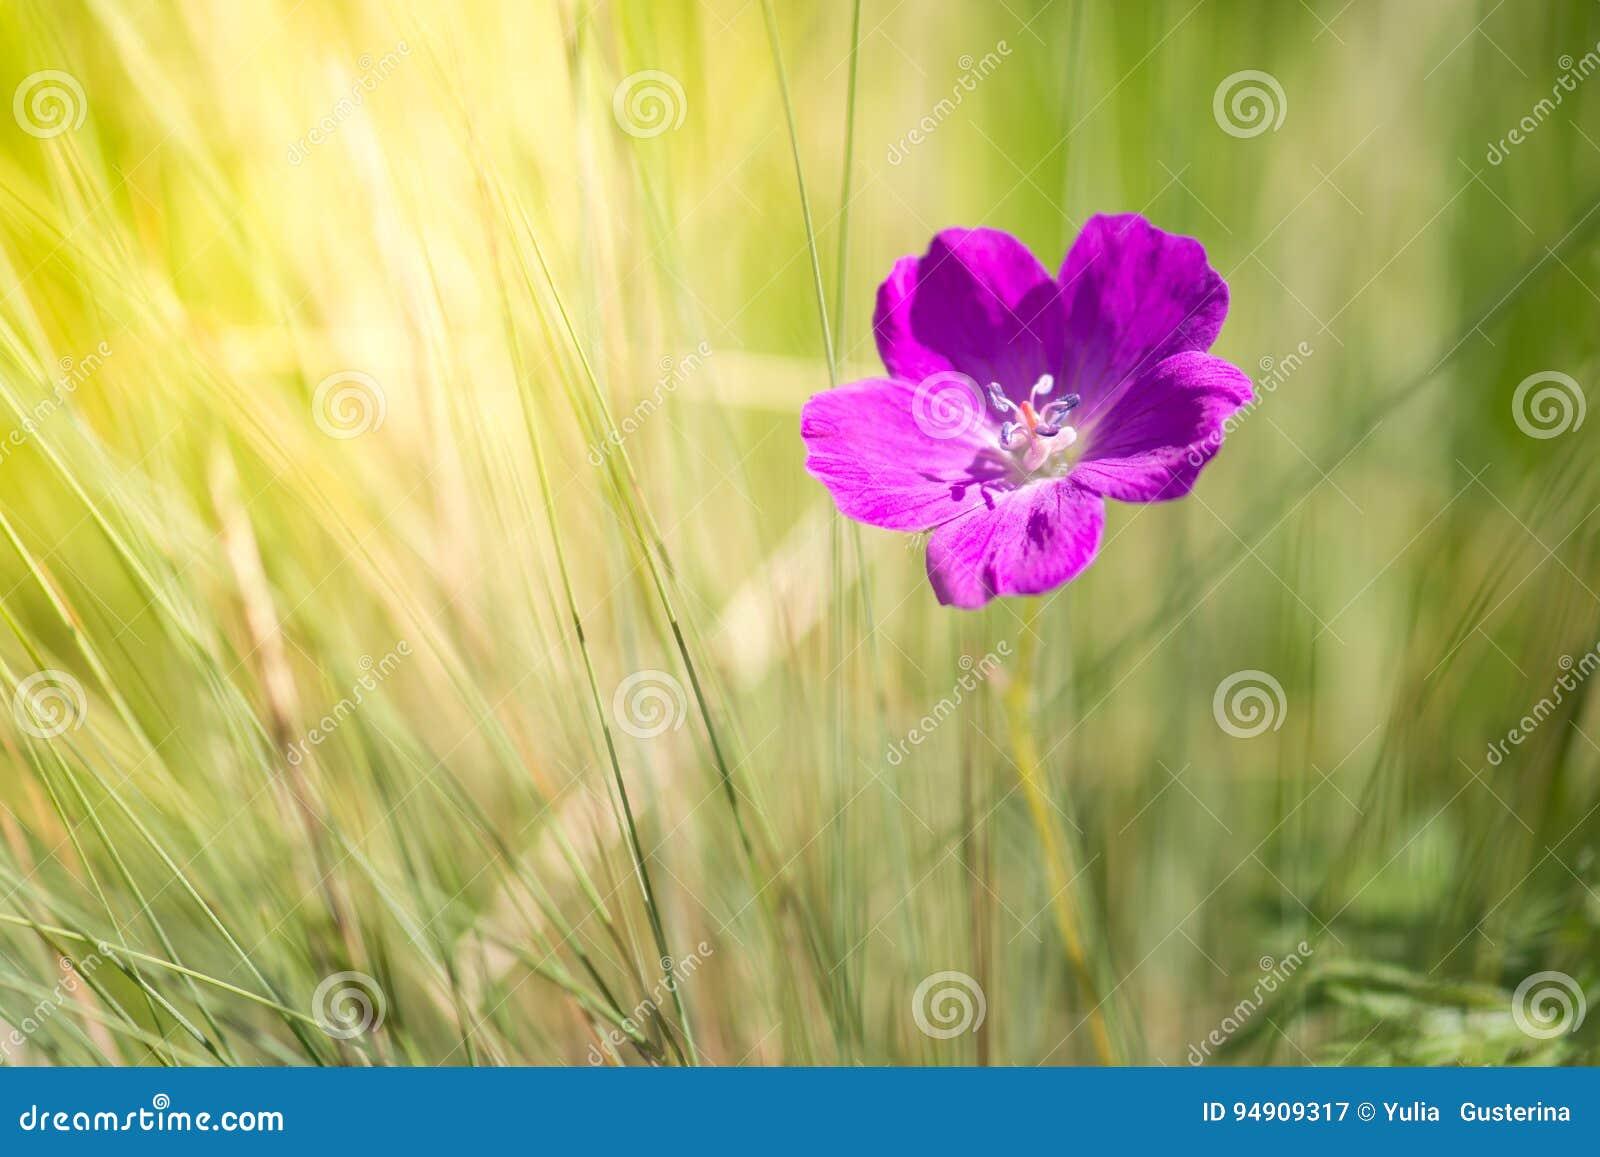 Geranium purpere kleur in het gras en het zonlicht Mooie wilde geranium Selectieve zachte nadruk